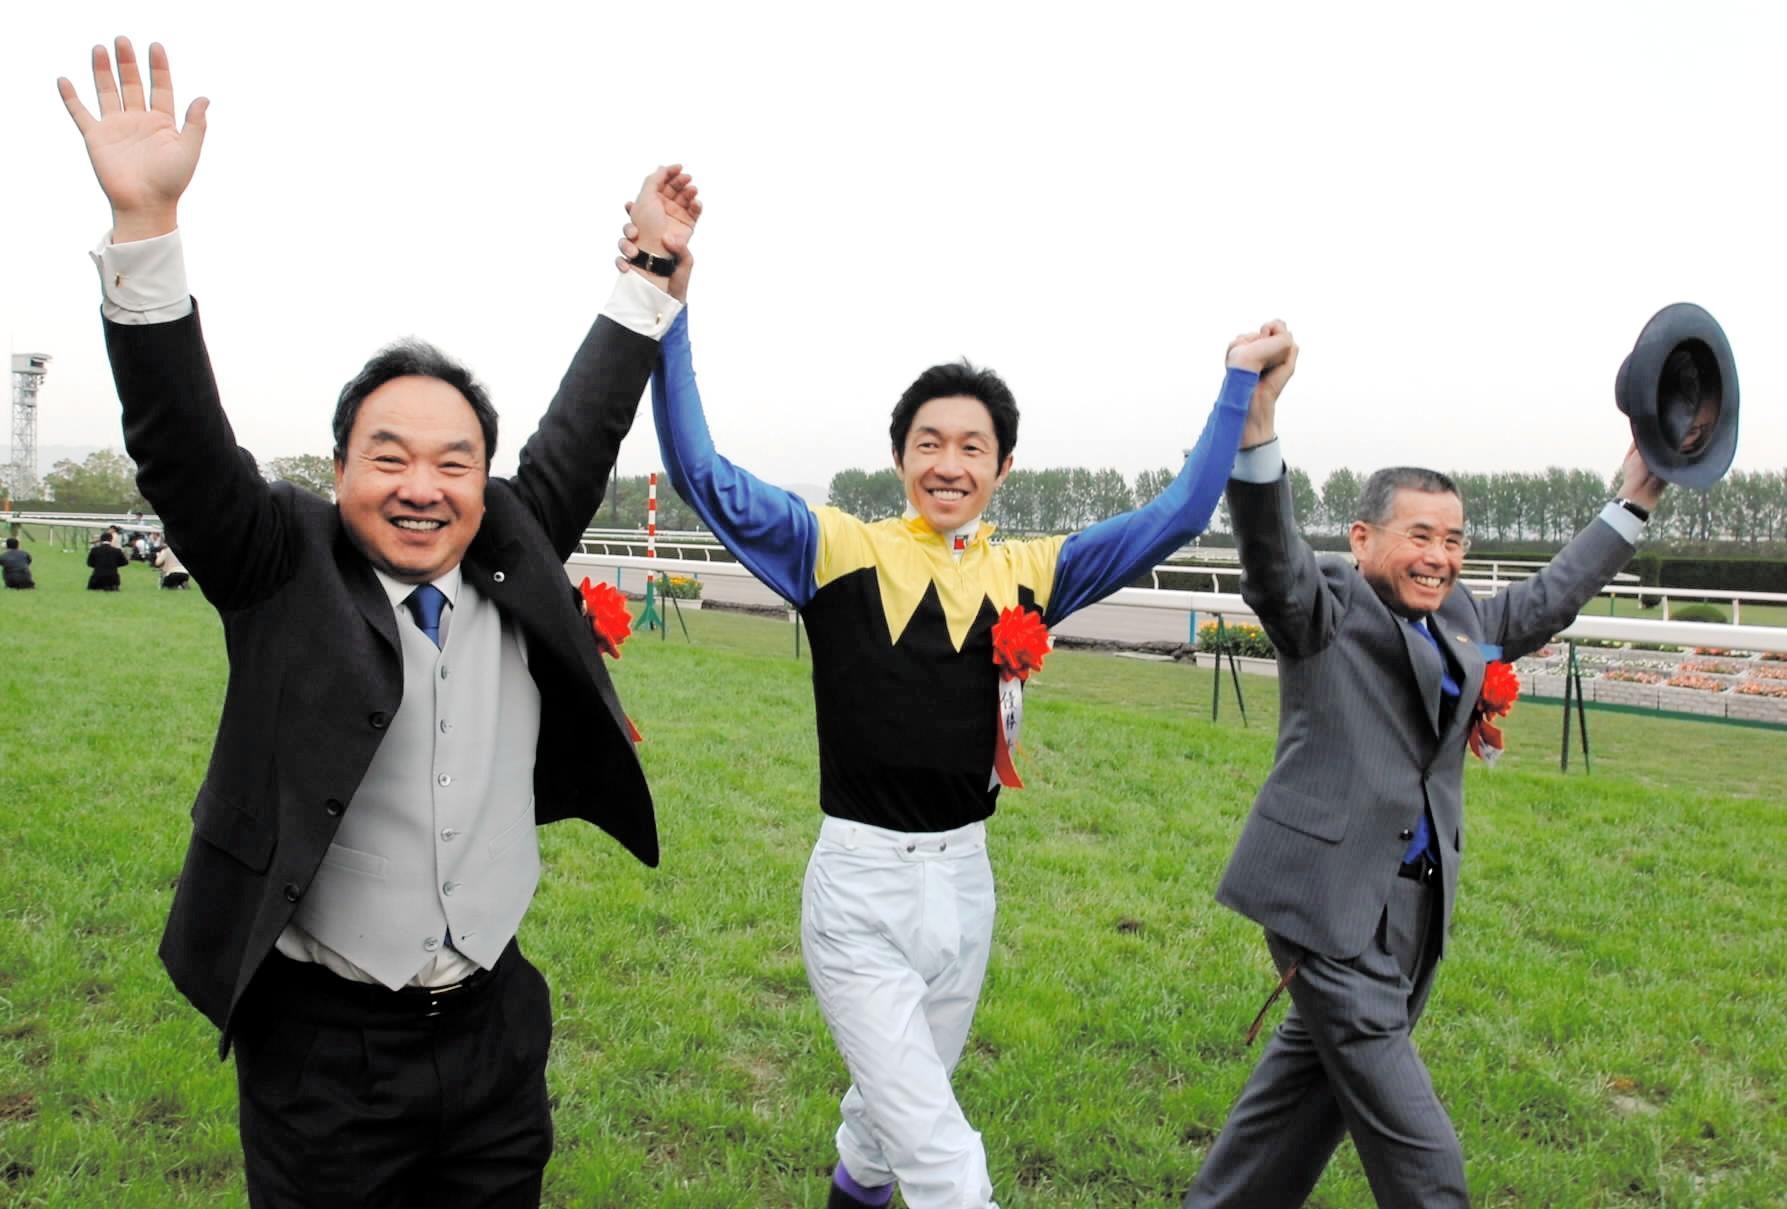 天皇賞・春でファンの声援に応える(左から)金子真人オーナー、武豊、池江泰郎調教師=2006年4月30日